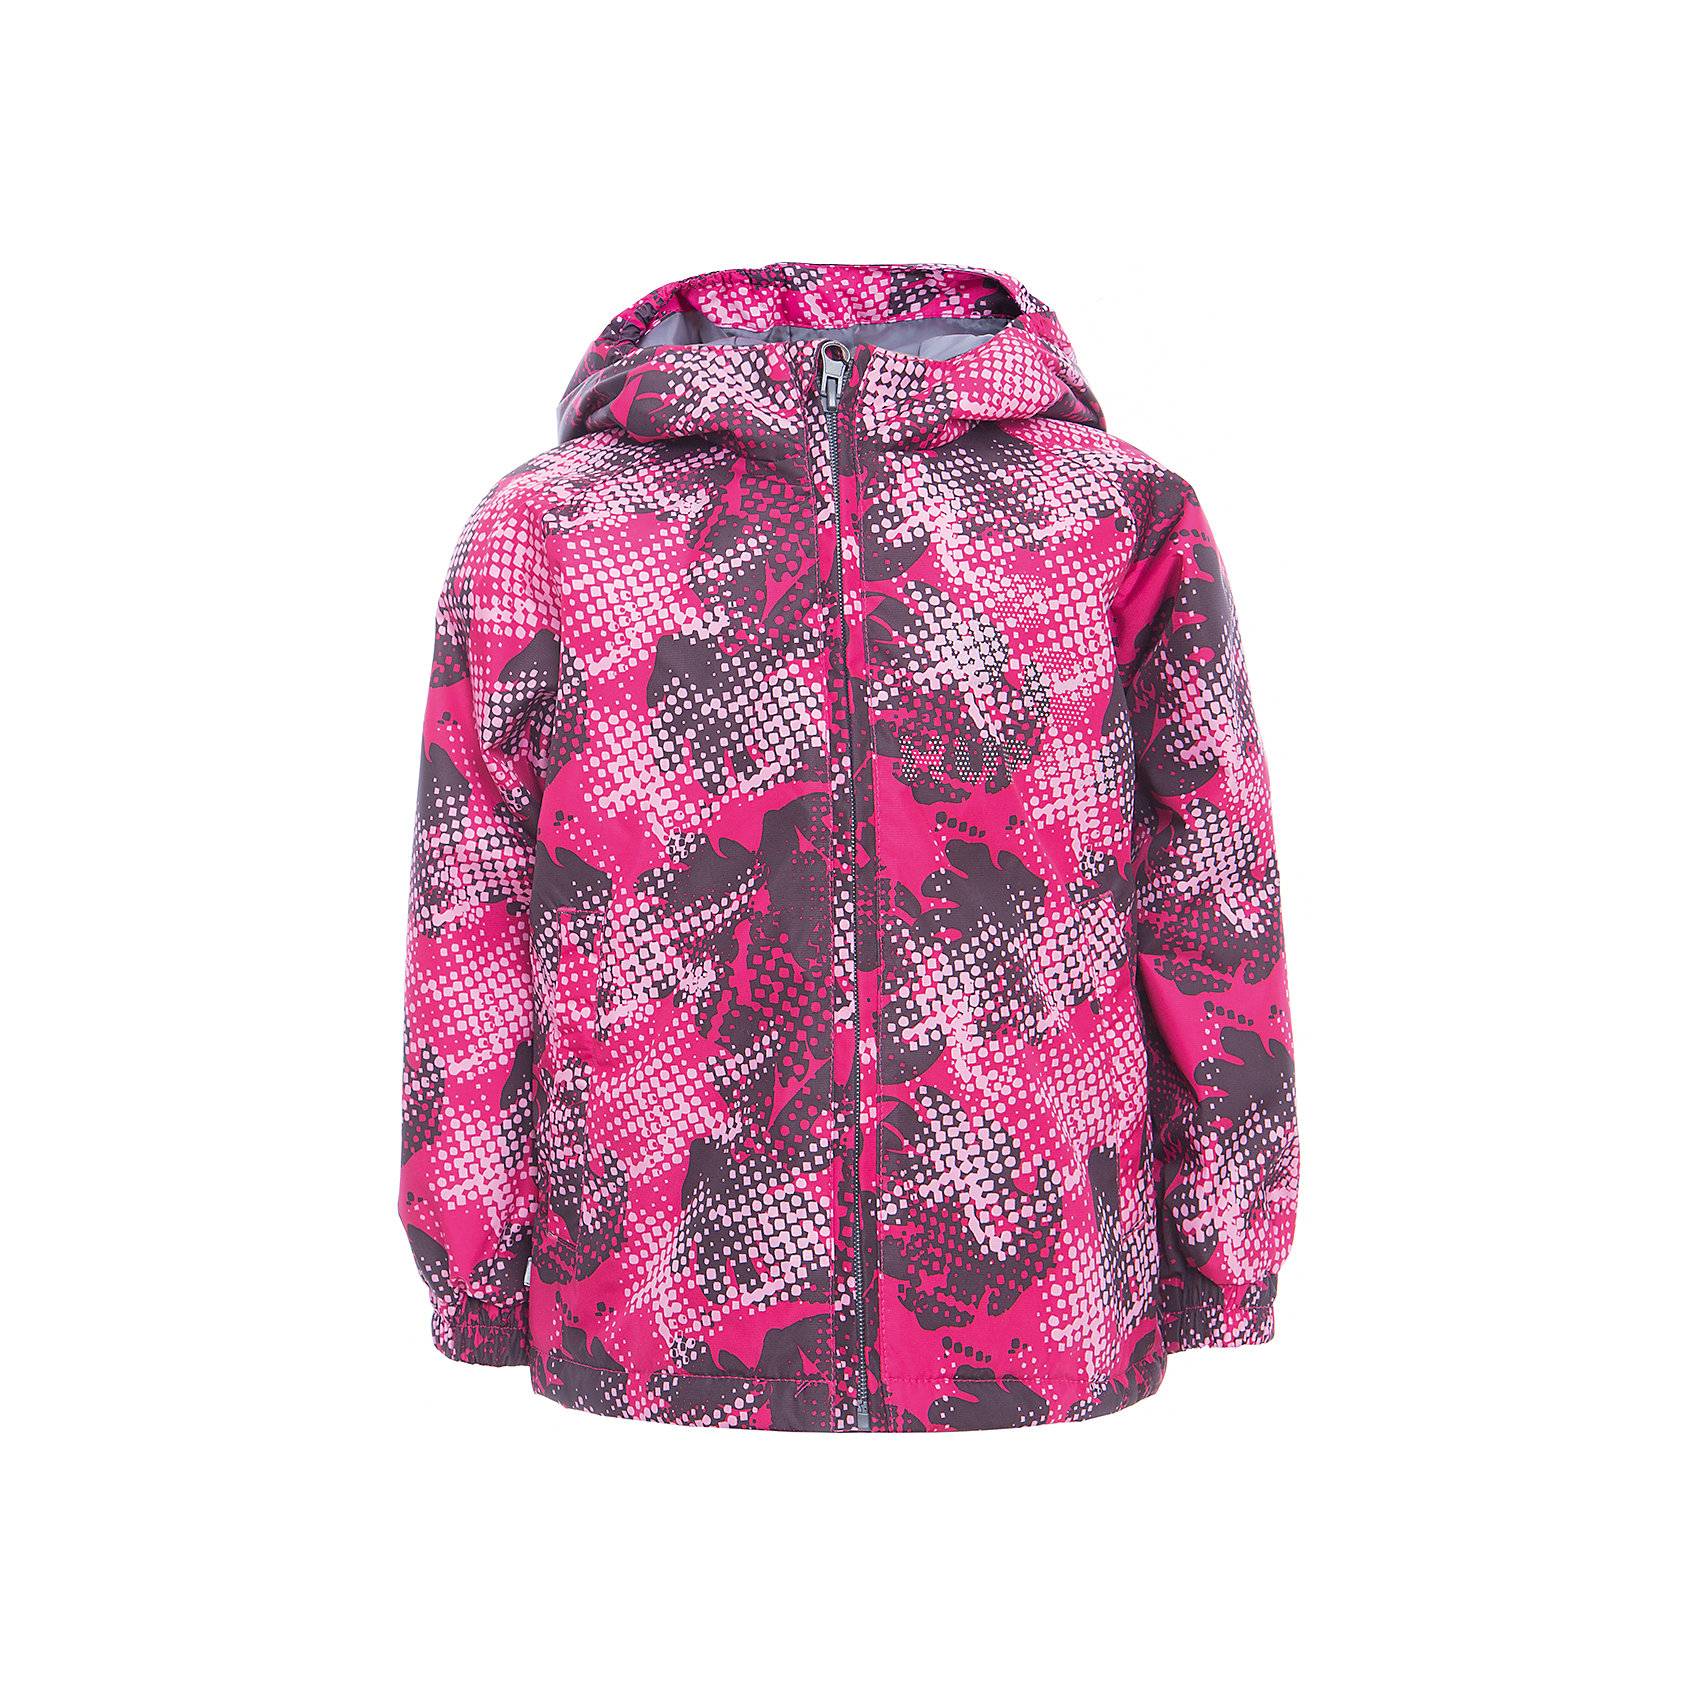 Куртка CLASSY для девочки HuppaВерхняя одежда<br>Характеристики товара:<br><br>• цвет: фуксия принт<br>• ткань: 100% полиэстер<br>• подкладка: тафта - 100% полиэстер<br>• утеплитель: 100% полиэстер 100 г<br>• температурный режим: от -5°С до +10°С<br>• водонепроницаемость: 10000 мм<br>• воздухопроницаемость: 10000 мм<br>• светоотражающие детали<br>• эластичные манжеты<br>• молния<br>• капюшон с резинкой<br>• капюшон не отстёгивается<br>• карманы<br>• комфортная посадка<br>• коллекция: весна-лето 2017<br>• страна бренда: Эстония<br><br>Эта стильная куртка обеспечит детям тепло и комфорт. Она сделана из материала, отталкивающего воду, и дополнено подкладкой с утеплителем, поэтому изделие идеально подходит для межсезонья. Материал изделия - с мембранной технологией: защищая от влаги и ветра, он легко выводит лишнюю влагу наружу. Для удобства сделан капюшон. Куртка очень симпатично смотрится, яркая расцветка и крой добавляют ему оригинальности. Модель была разработана специально для детей.<br><br>Одежда и обувь от популярного эстонского бренда Huppa - отличный вариант одеть ребенка можно и комфортно. Вещи, выпускаемые компанией, качественные, продуманные и очень удобные. Для производства изделий используются только безопасные для детей материалы. Продукция от Huppa порадует и детей, и их родителей!<br><br>Куртку CLASSY от бренда Huppa (Хуппа) можно купить в нашем интернет-магазине.<br><br>Ширина мм: 356<br>Глубина мм: 10<br>Высота мм: 245<br>Вес г: 519<br>Цвет: лиловый<br>Возраст от месяцев: 18<br>Возраст до месяцев: 24<br>Пол: Женский<br>Возраст: Детский<br>Размер: 92,152,98,104,110,116,122,128,134,140,146<br>SKU: 5347122